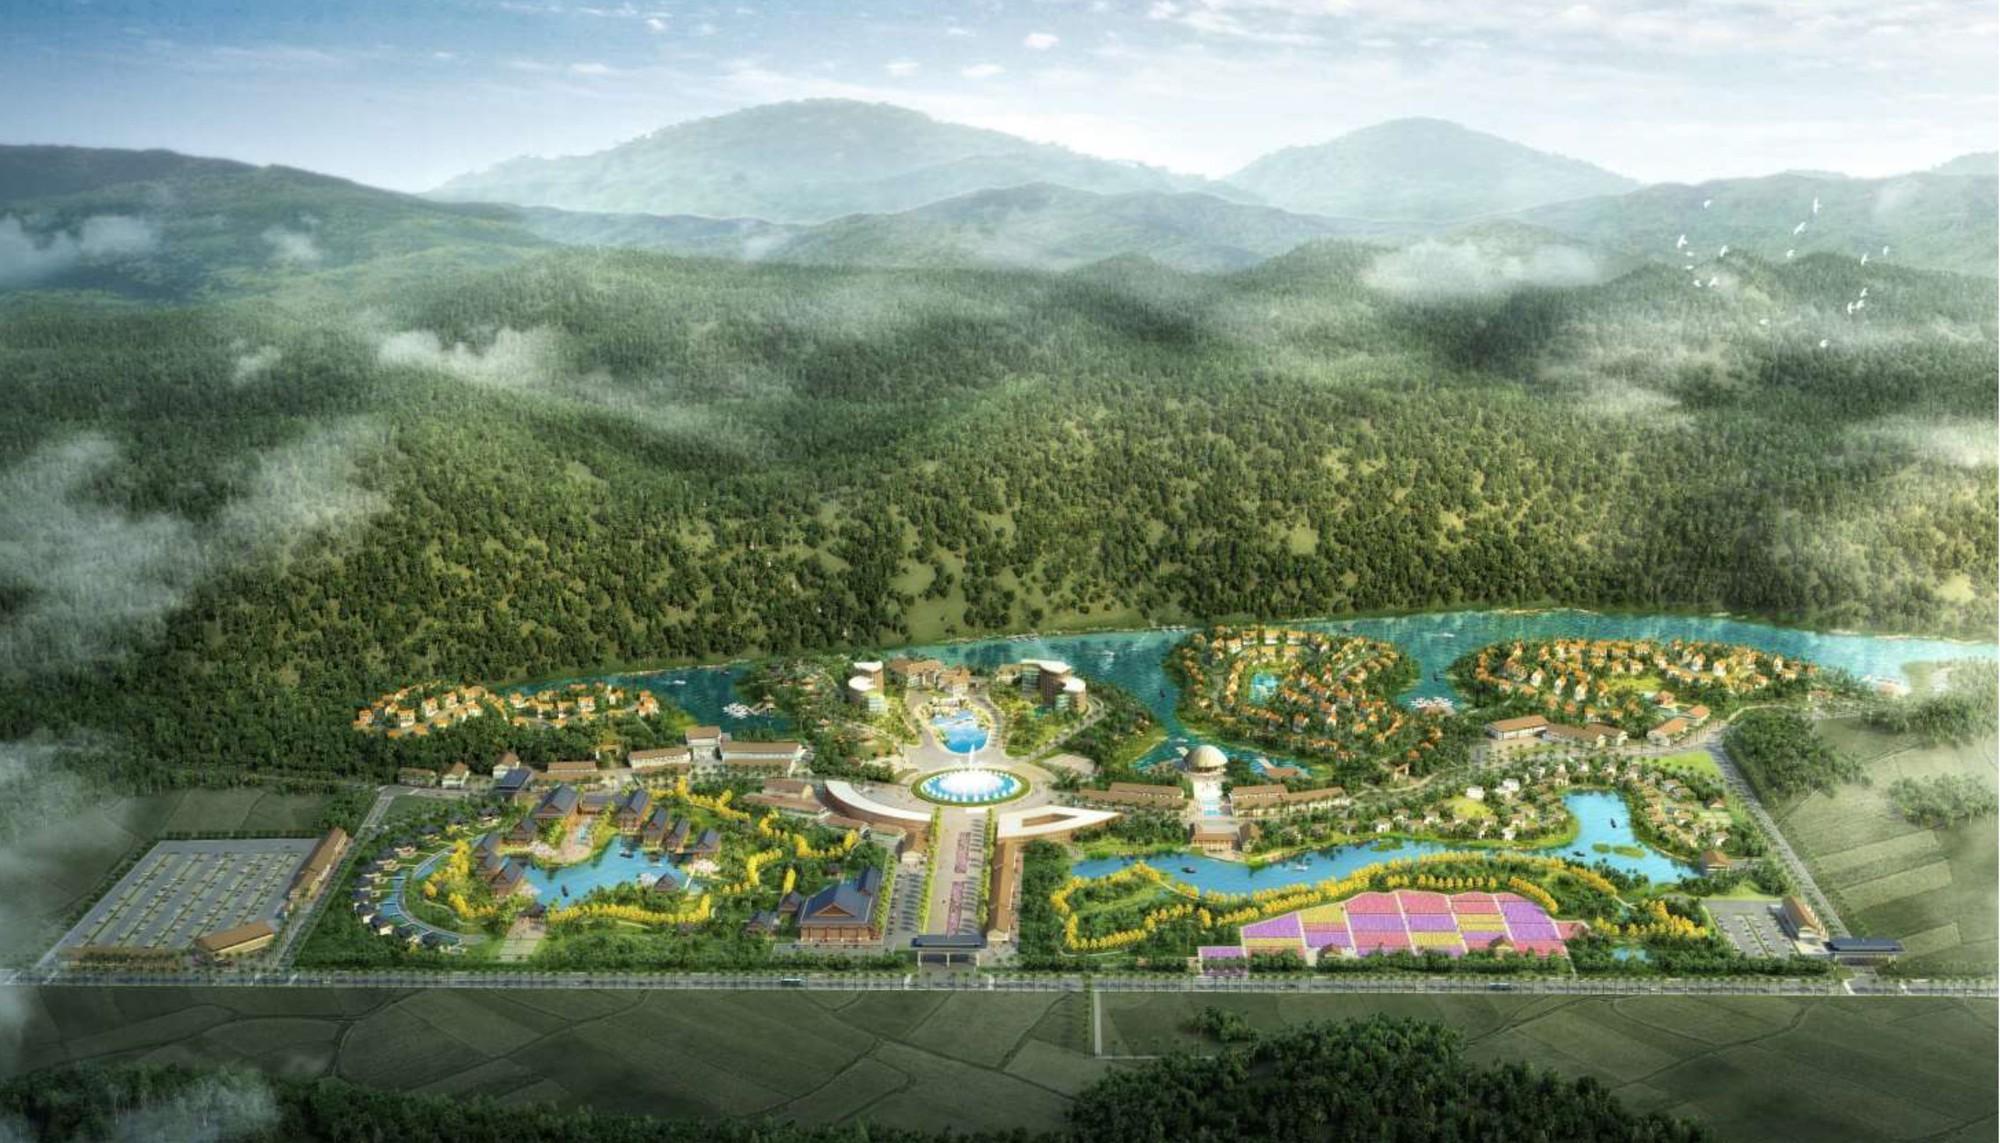 Phối cảnh Dự án Khu du lịch văn hóa và nghỉ dưỡng Lạc Thủy tại xã Phú Lão, huyện Lạc Thủy